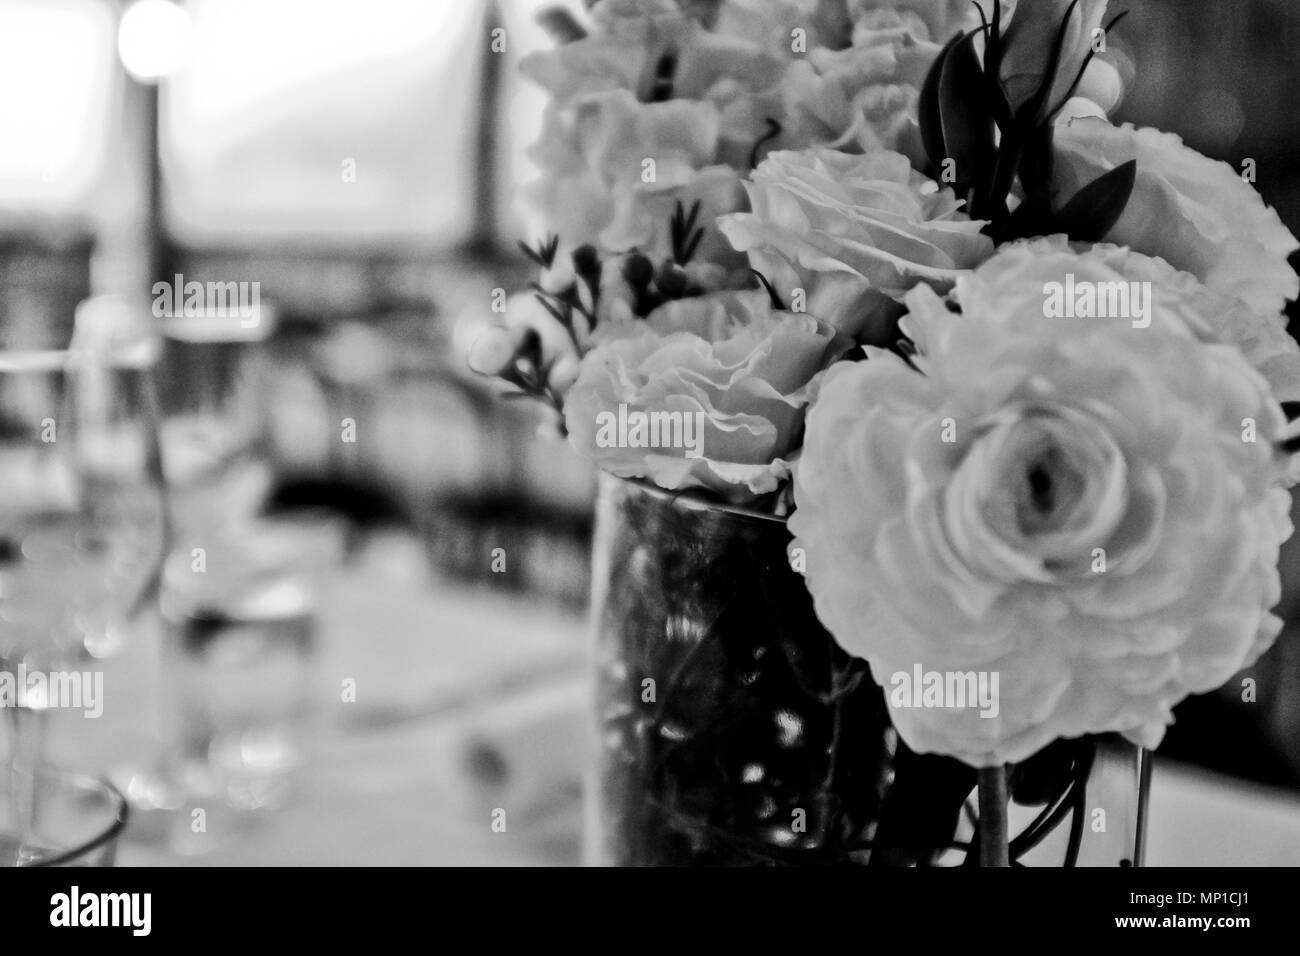 Stylish Black And White Photo Arrangement Greyscale Flowers Photo